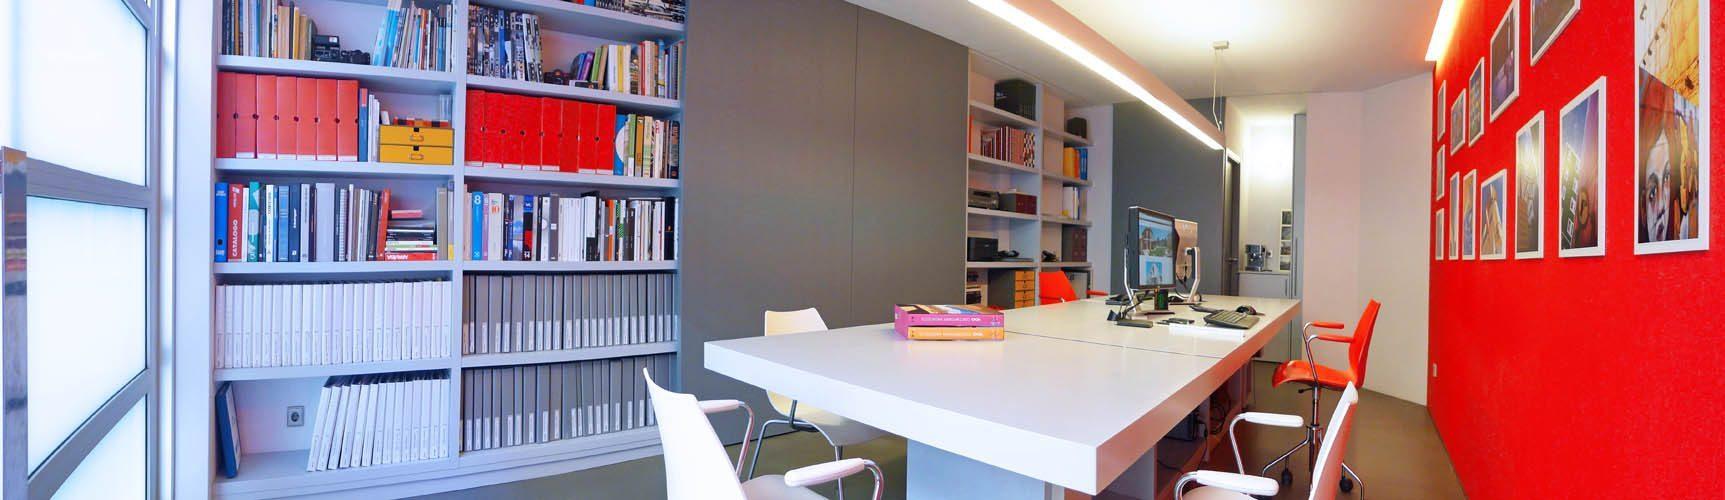 Estudio ad arquitectura - Estudios de arquitectura coruna ...